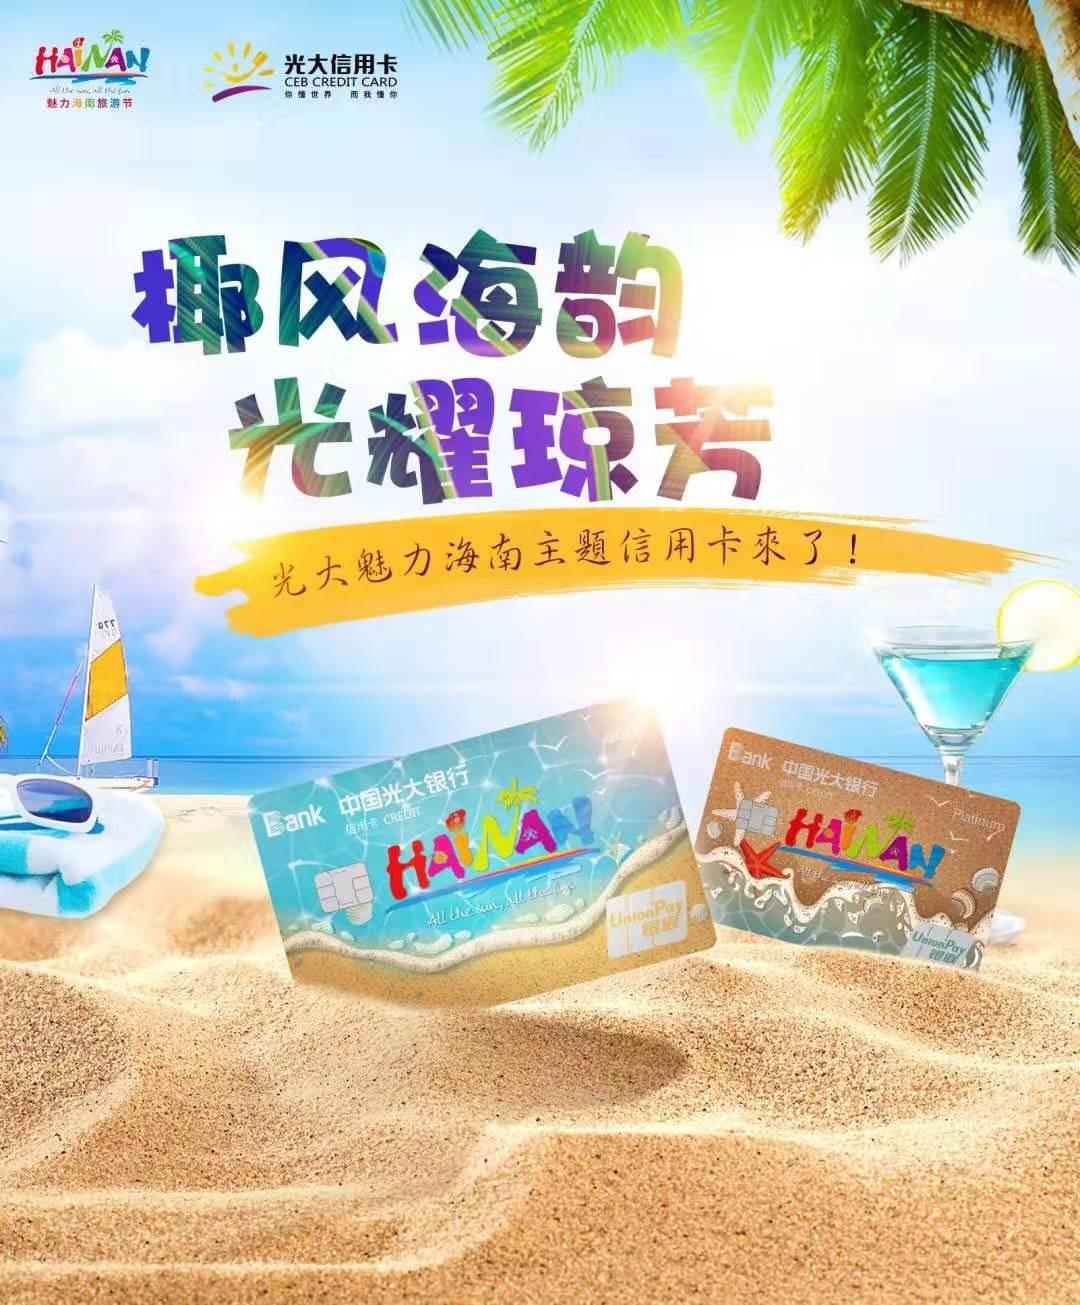 """发力旅游e-sbu 建设美好新海南 光大""""魅力海南旅游节""""推出半年成果"""